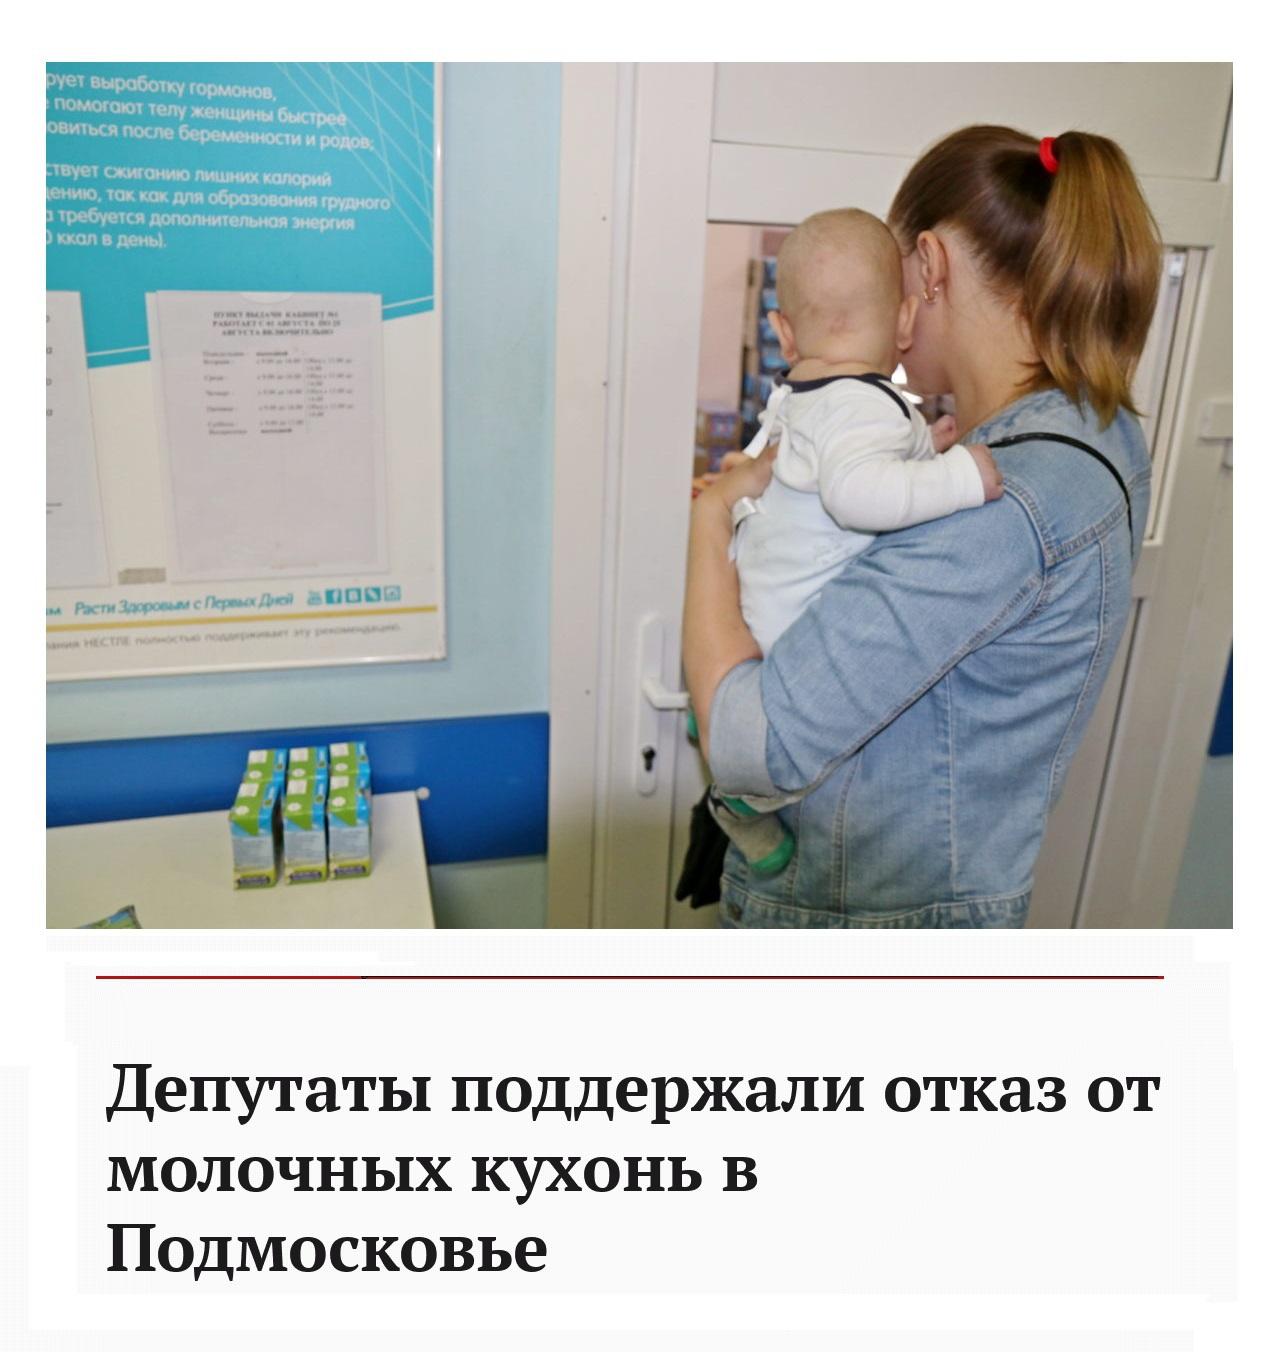 Депутаты поддержали отказ от молочных кухонь в